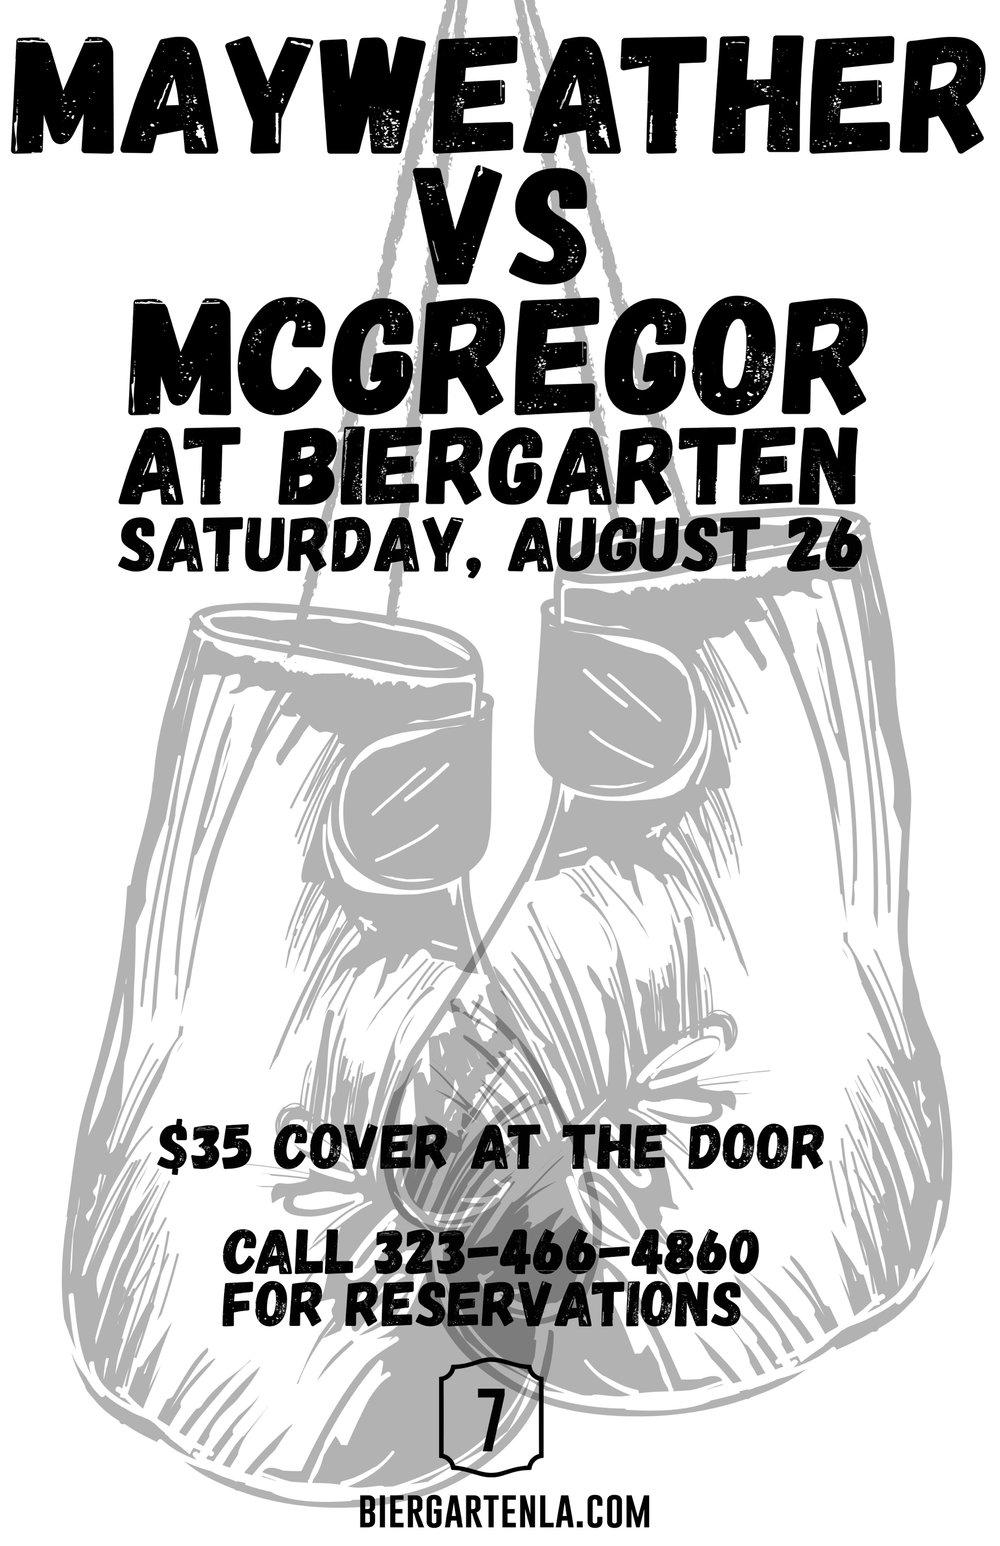 biergarten-mayweather-vs-mcgregor.jpg.jpeg